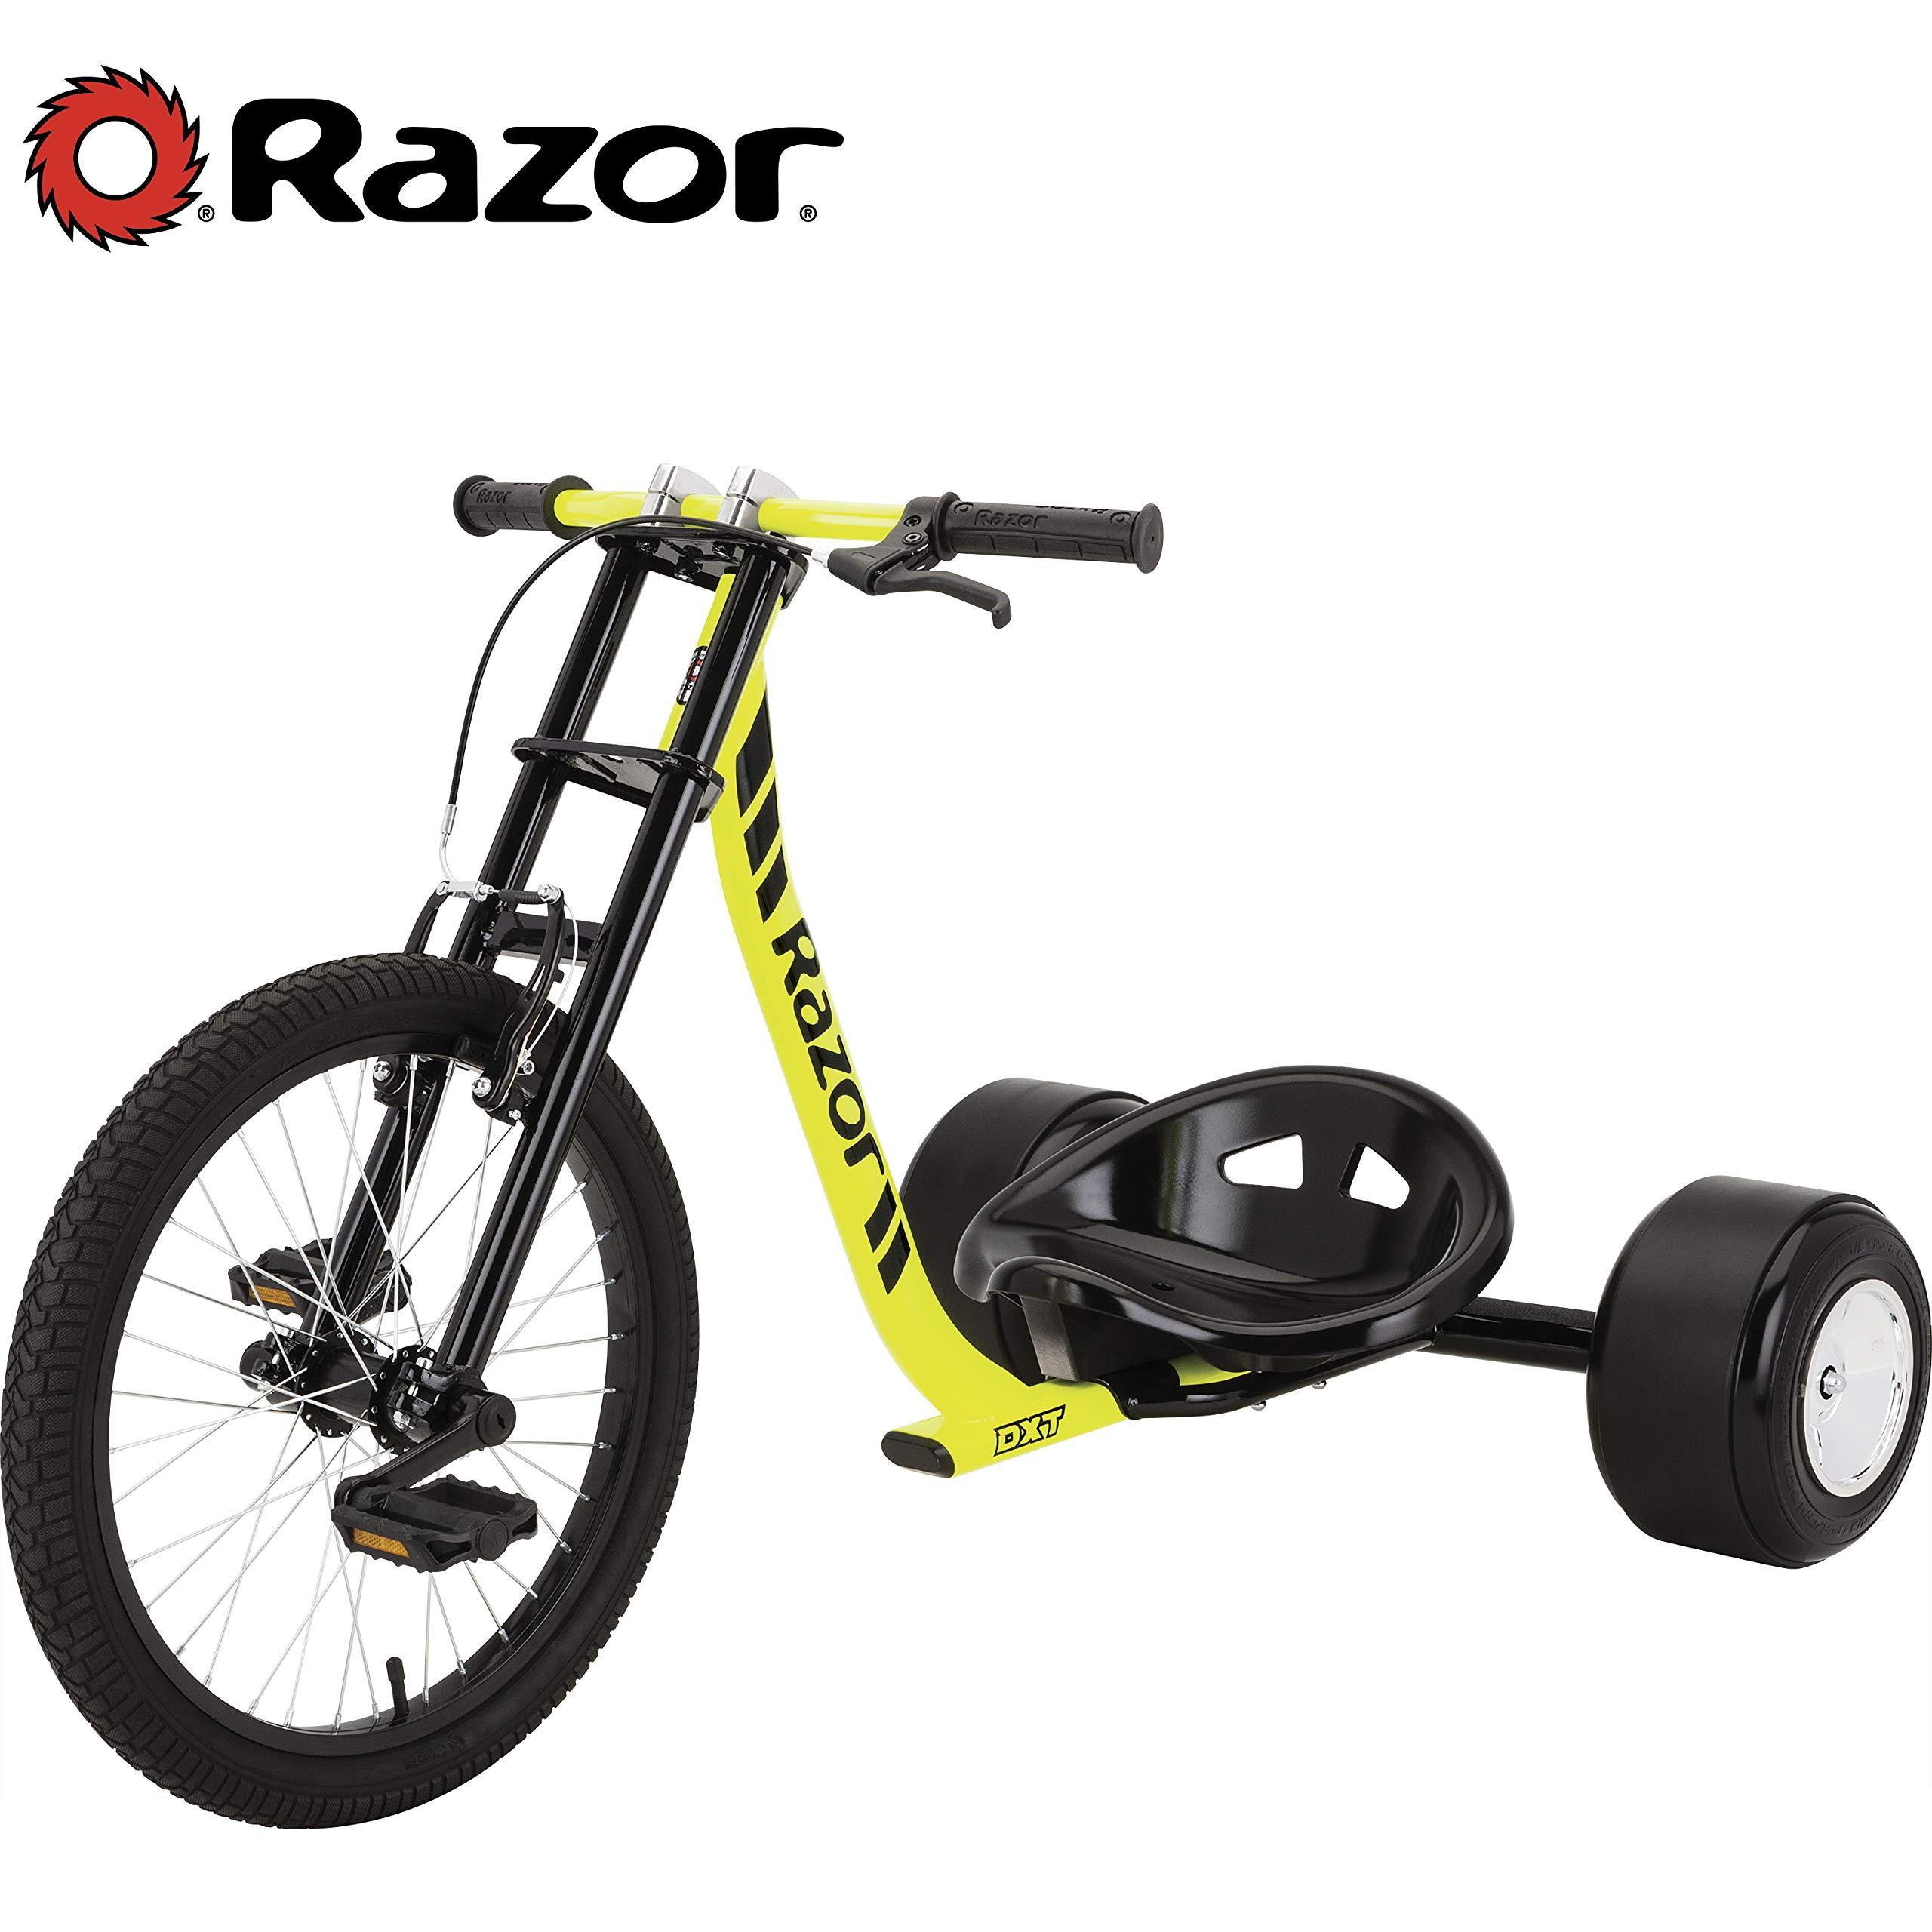 Razor DXT Drift Trike by Razor